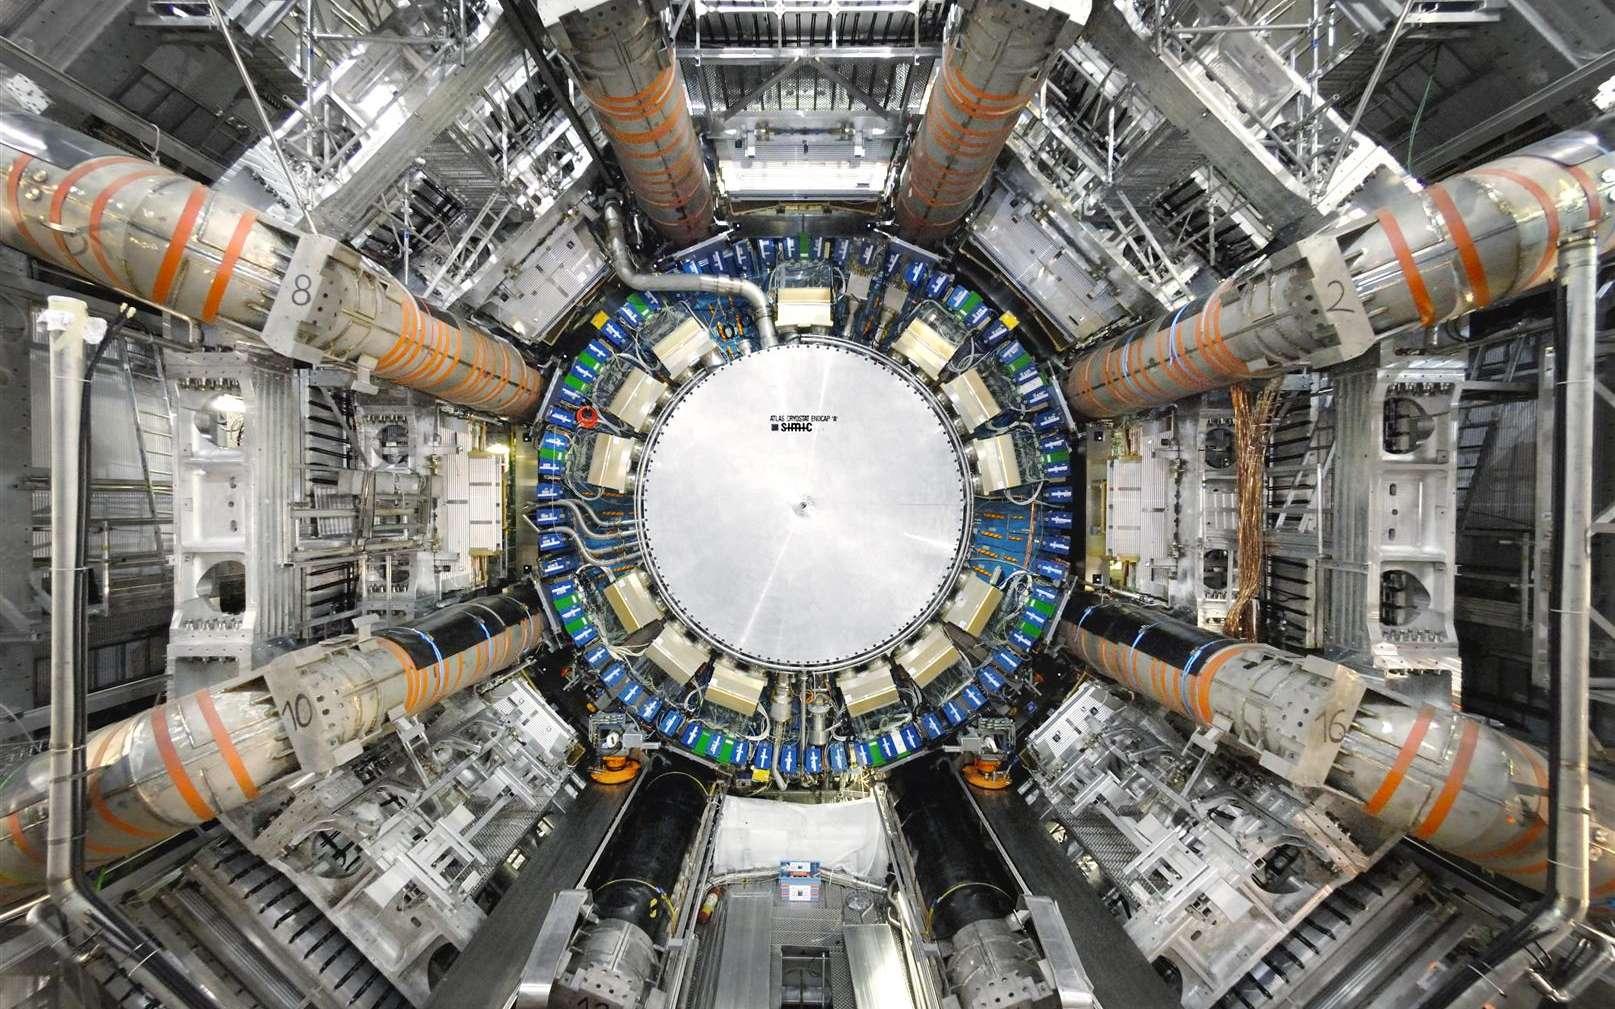 La masse du boson W vient d'être mesurée avec une précision record, ce qui pourrait nous aider à découvrir une nouvelle physique. Ici, Atlas l'un des deux détecteurs polyvalents du Grand collisionneur de hadrons (LHC). © LHC